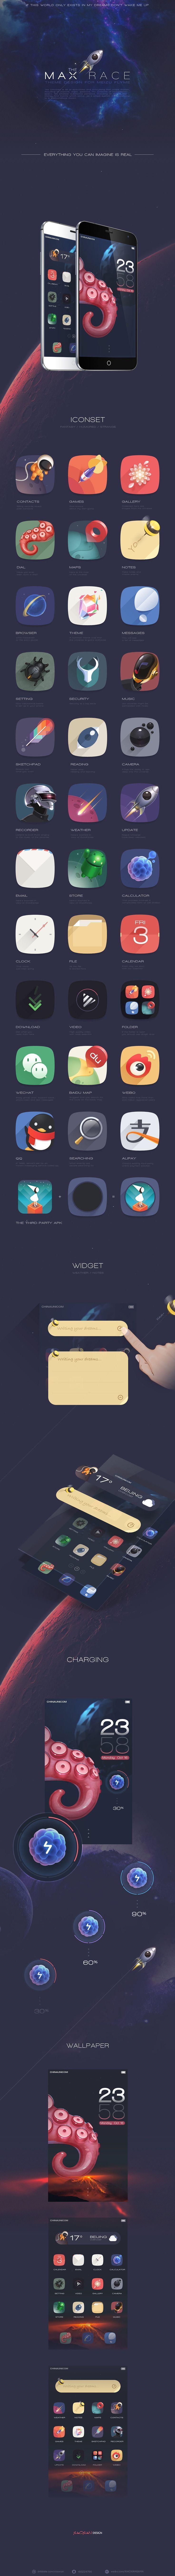 15 présentations d applications mobiles remarquables pour leur qualité